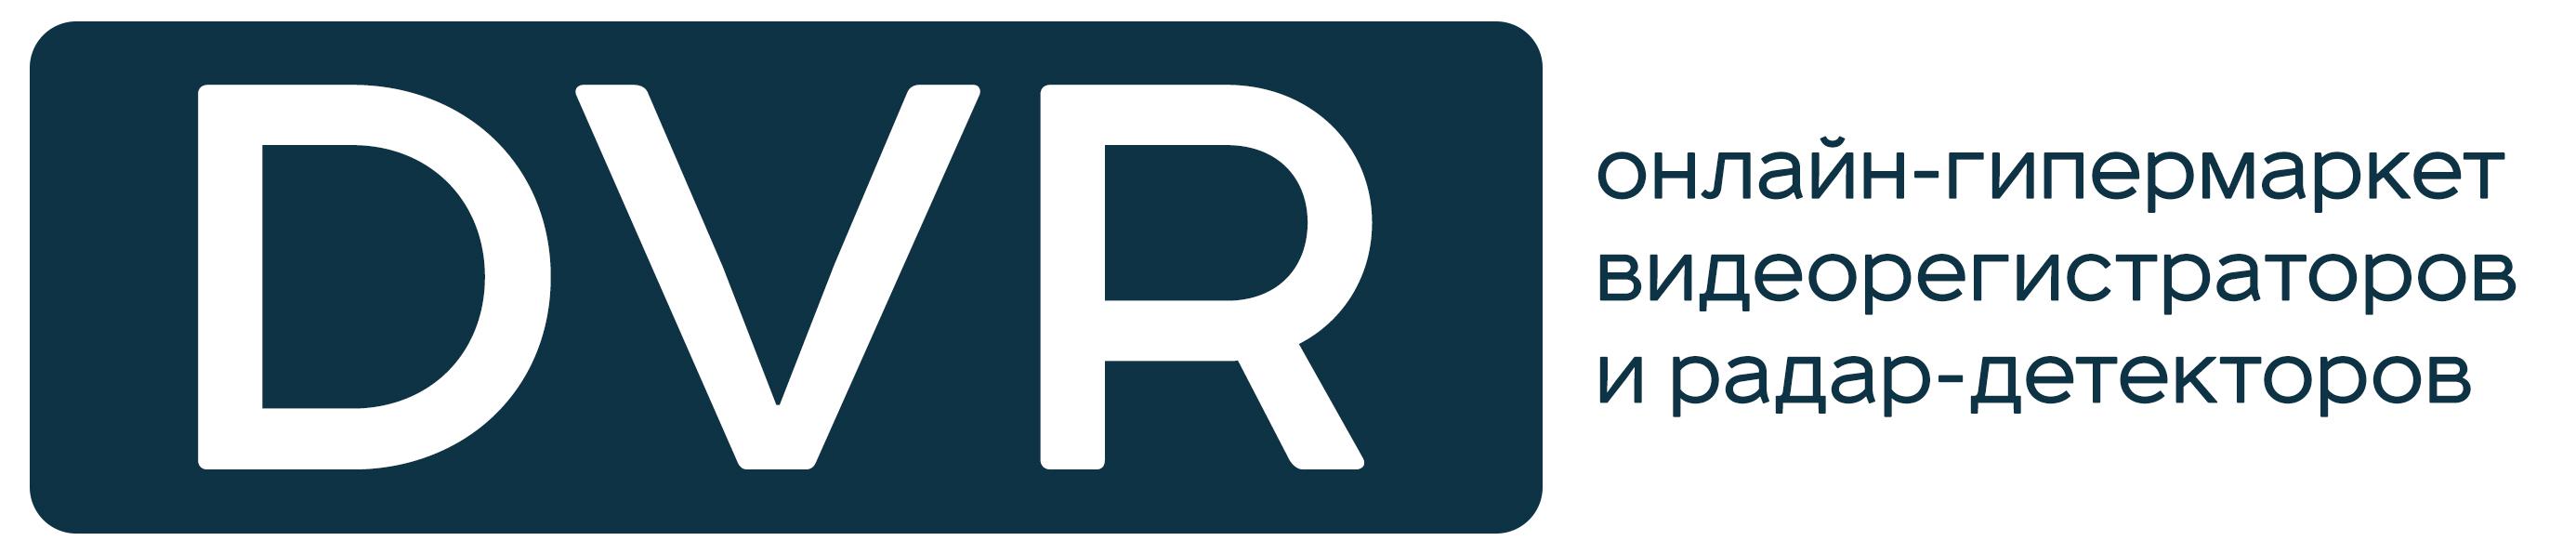 DVR - онлайн-гипермаркет видеорегистраторов и автоэлектроники по низким ценам, большой каталог, отзывы